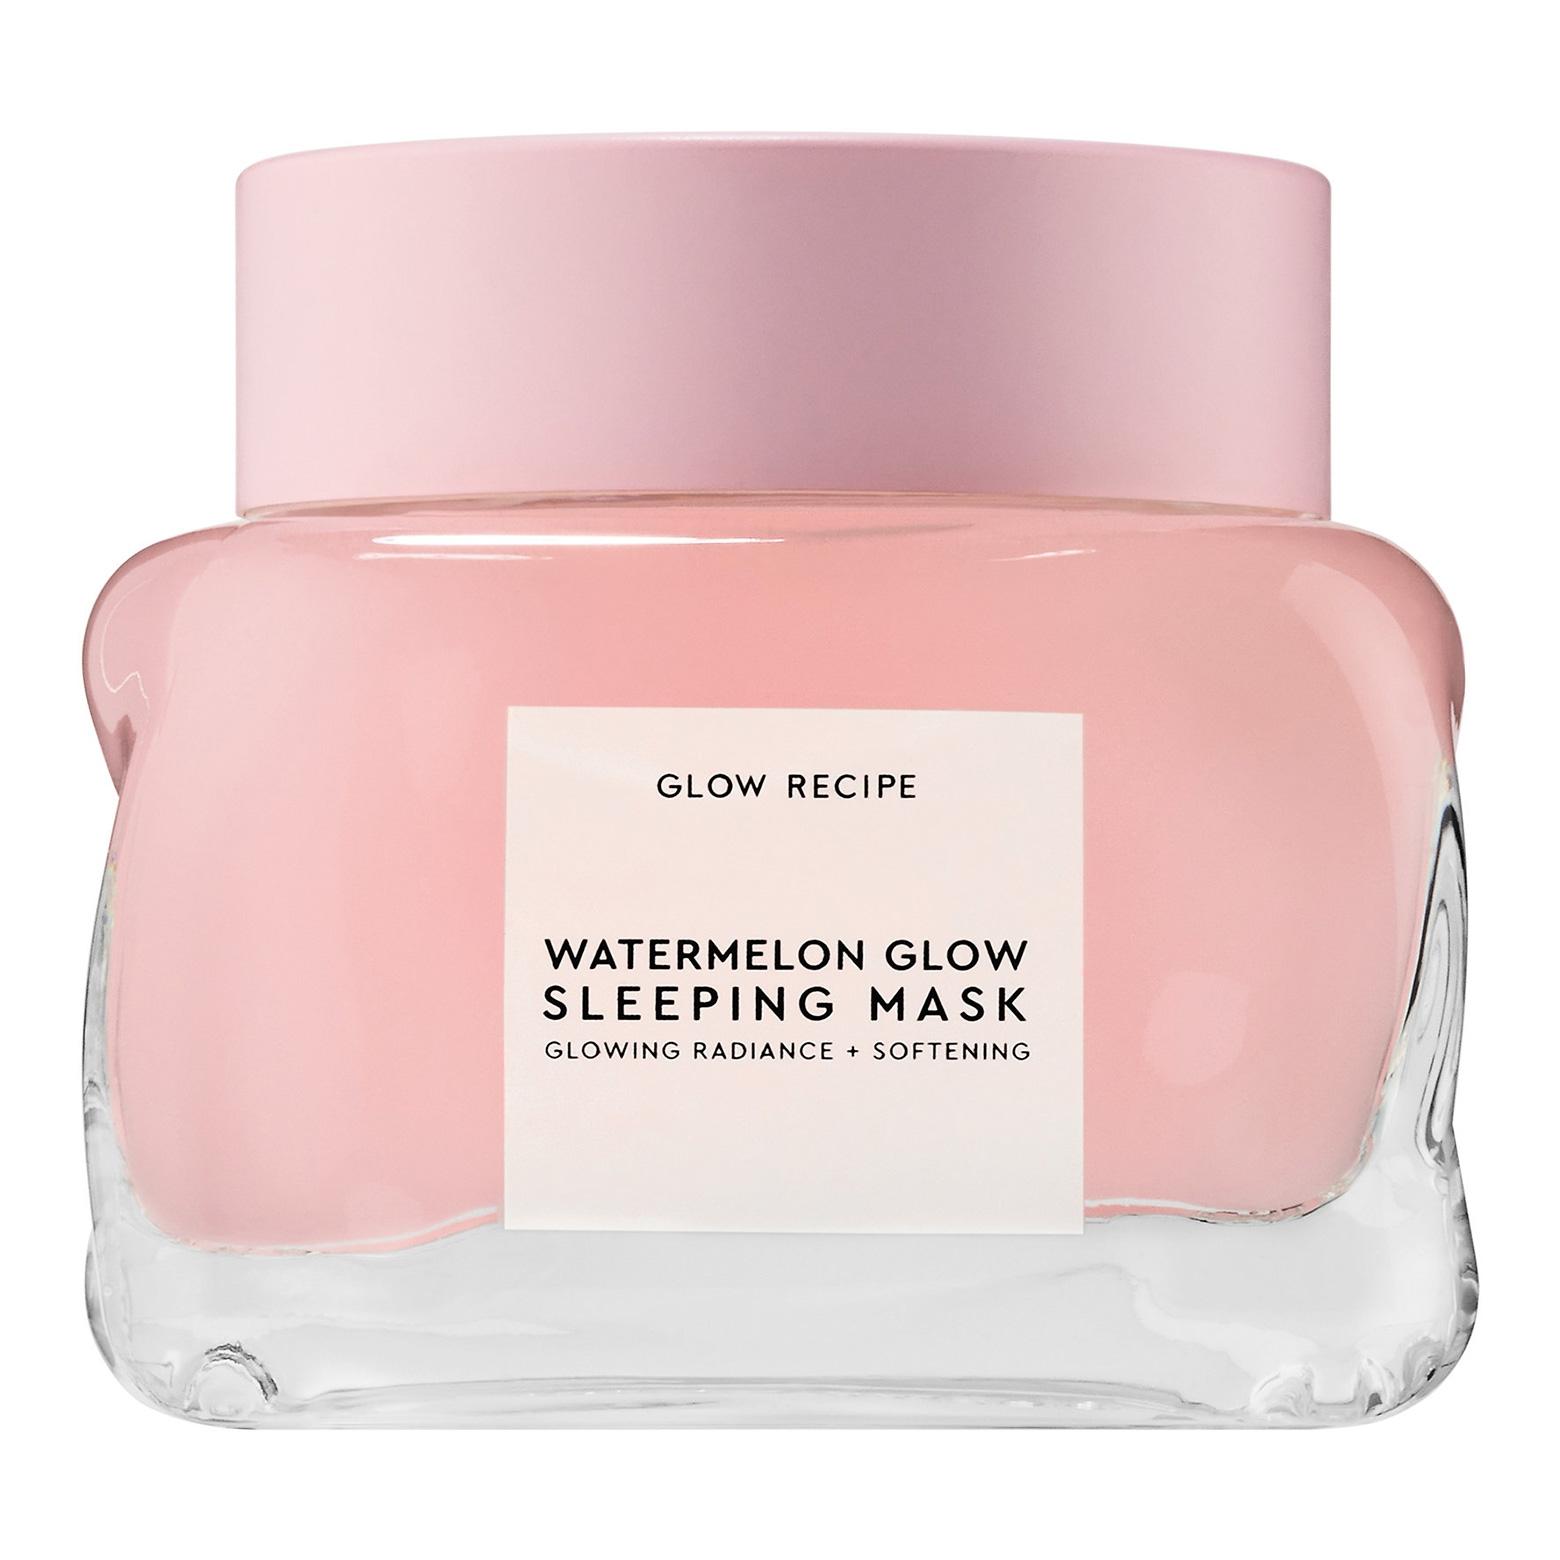 glo002_glowrecipe_watermelonglowsleepingmask_1_1560x1960-c28rn.jpg